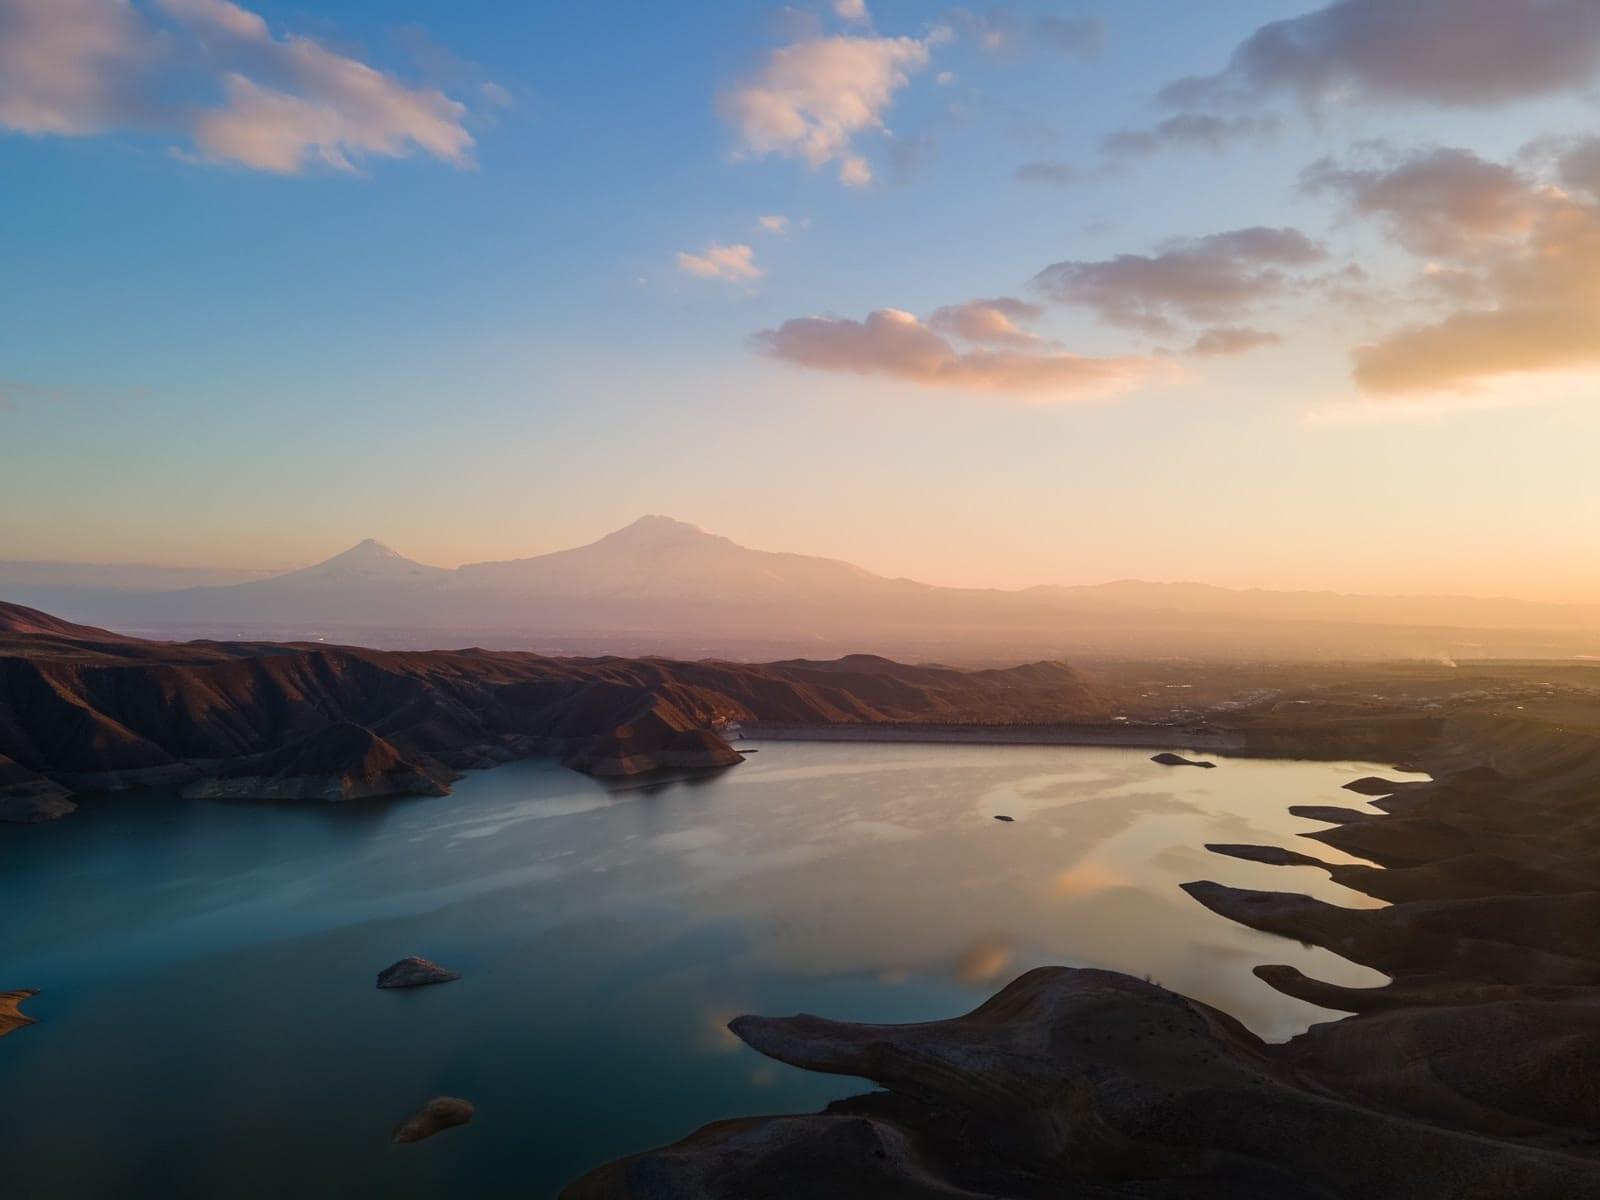 Der Weg in den Himmel. Armenien